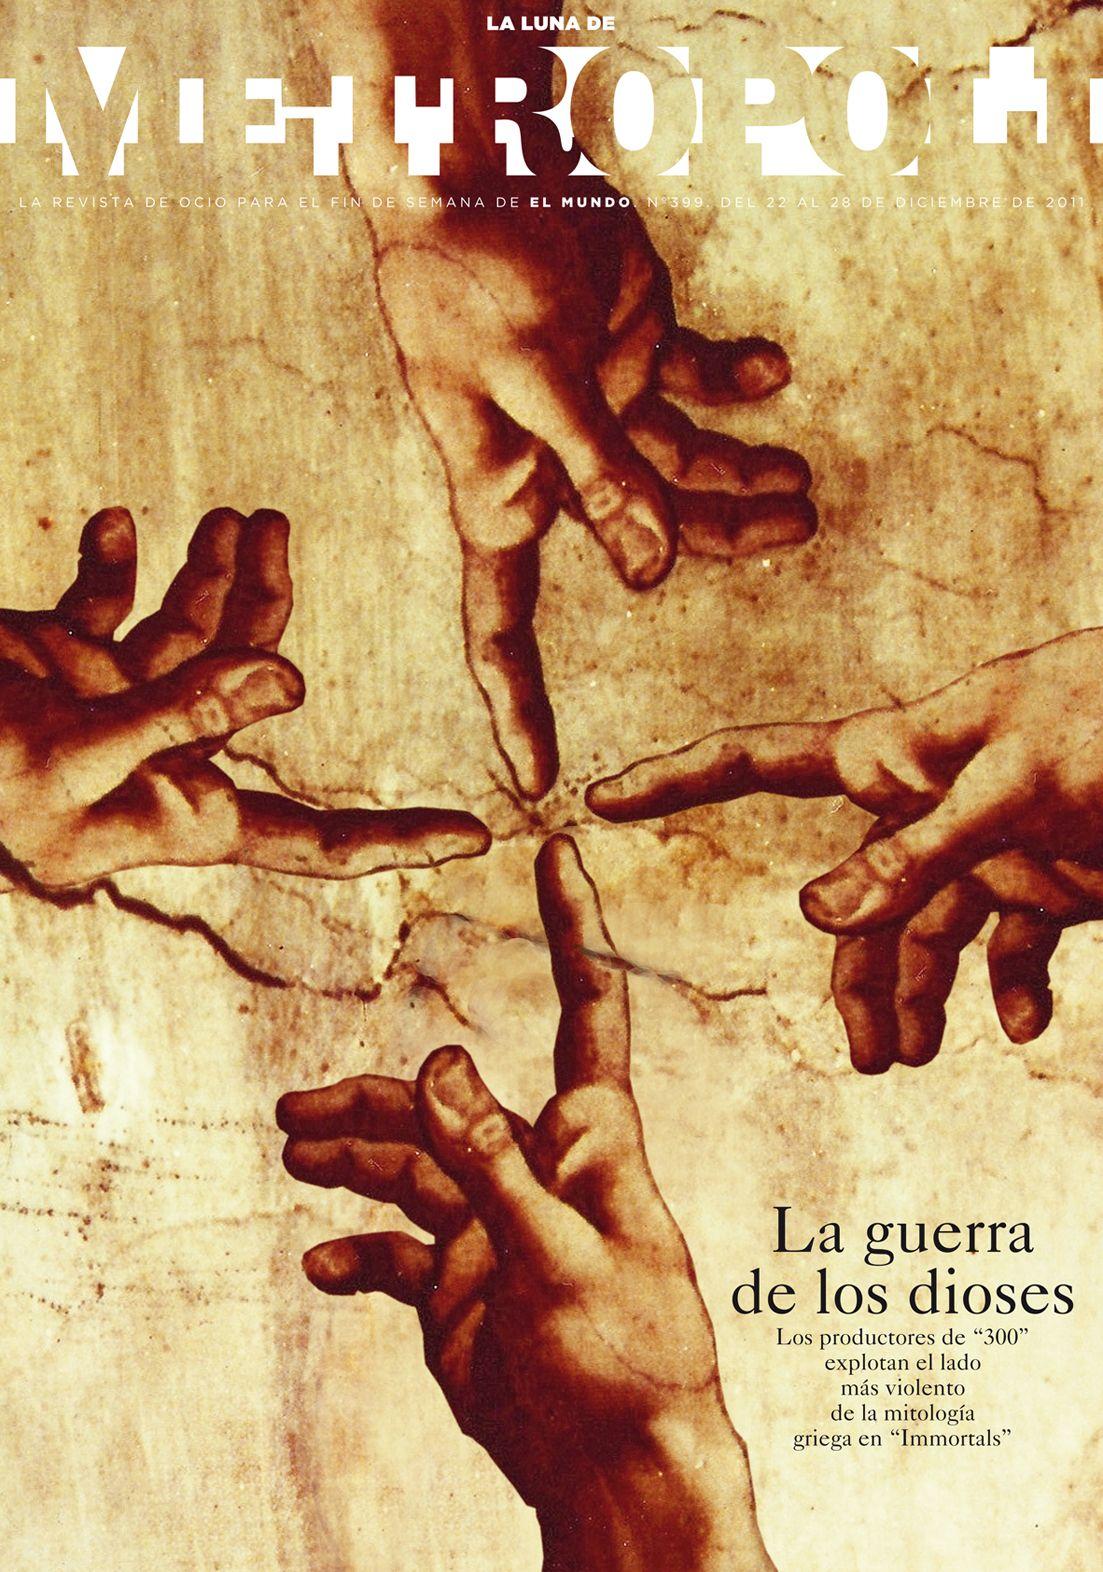 INMORTALS, la película, 2011. Ilustración de Michelangelo Buonarroti (sí, el de La Capilla Sixtina de El Vaticano. ¿Qué pasa?)